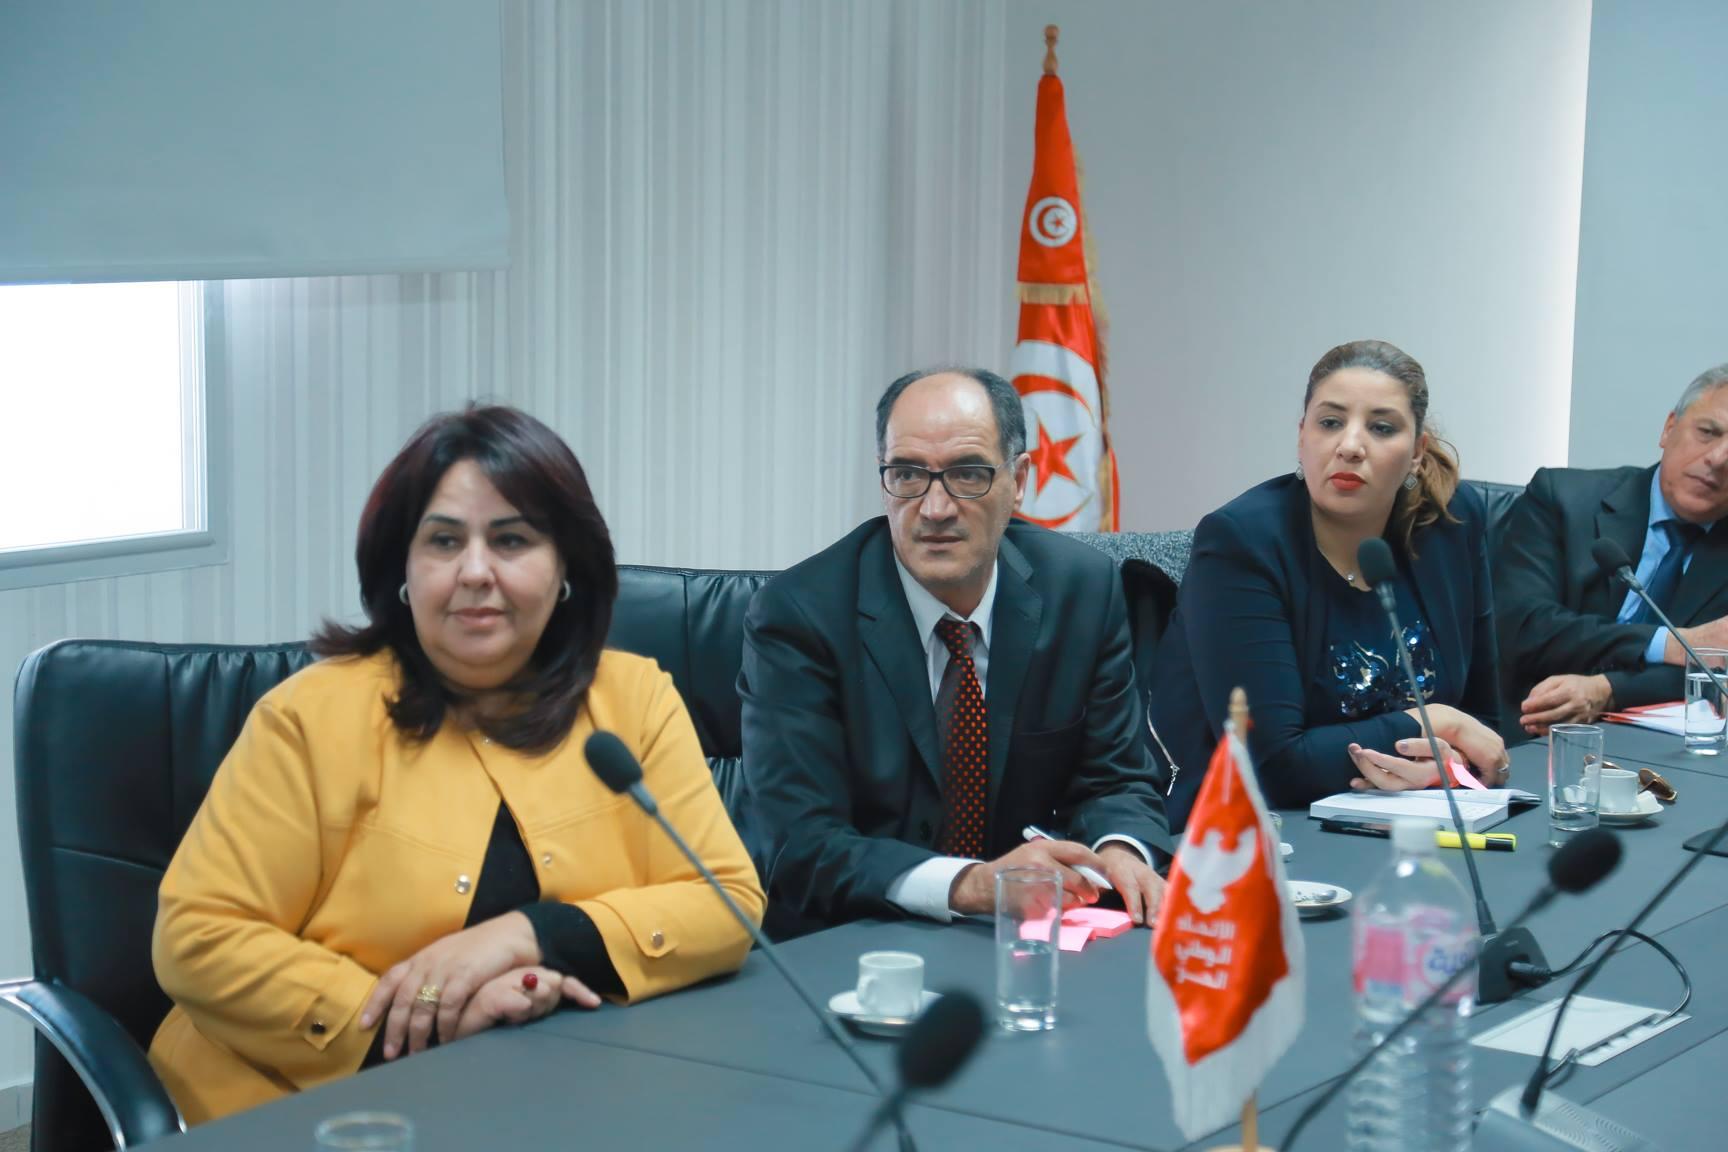 رسمي: الوطني الحر لن يُشارك في الإنتخابات البلدية